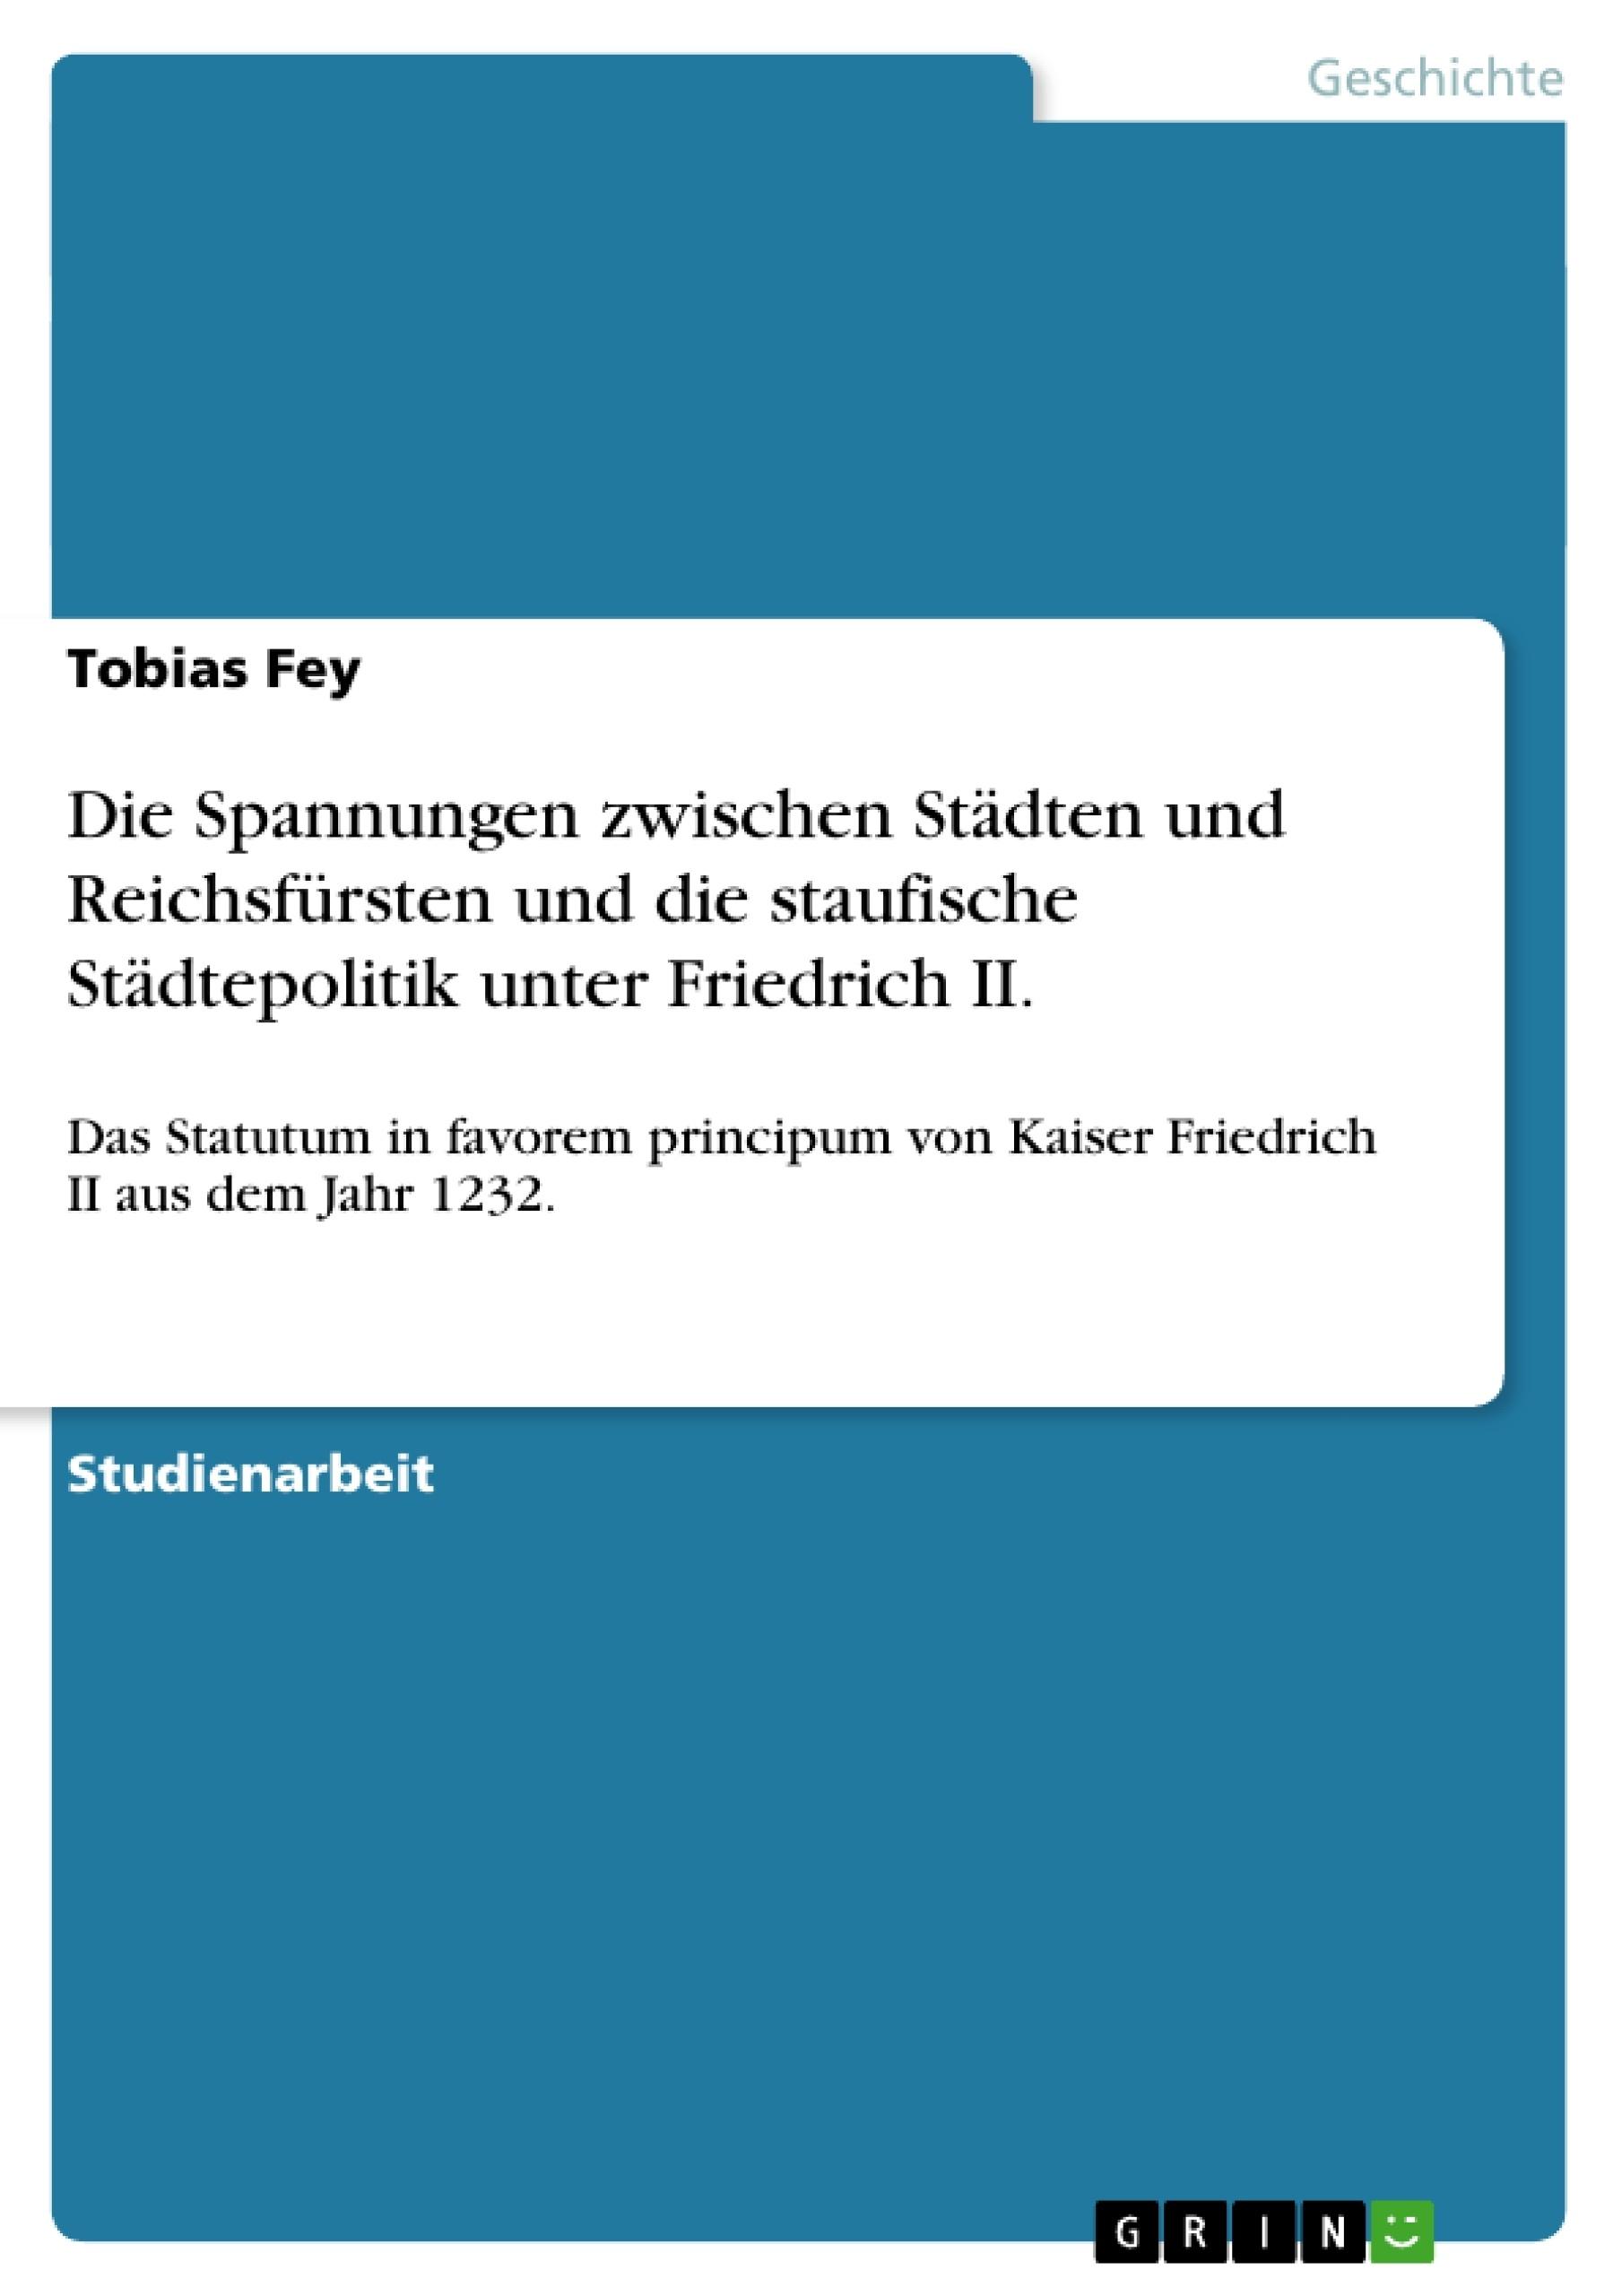 Titel: Die Spannungen zwischen Städten und Reichsfürsten und die staufische Städtepolitik unter Friedrich II.